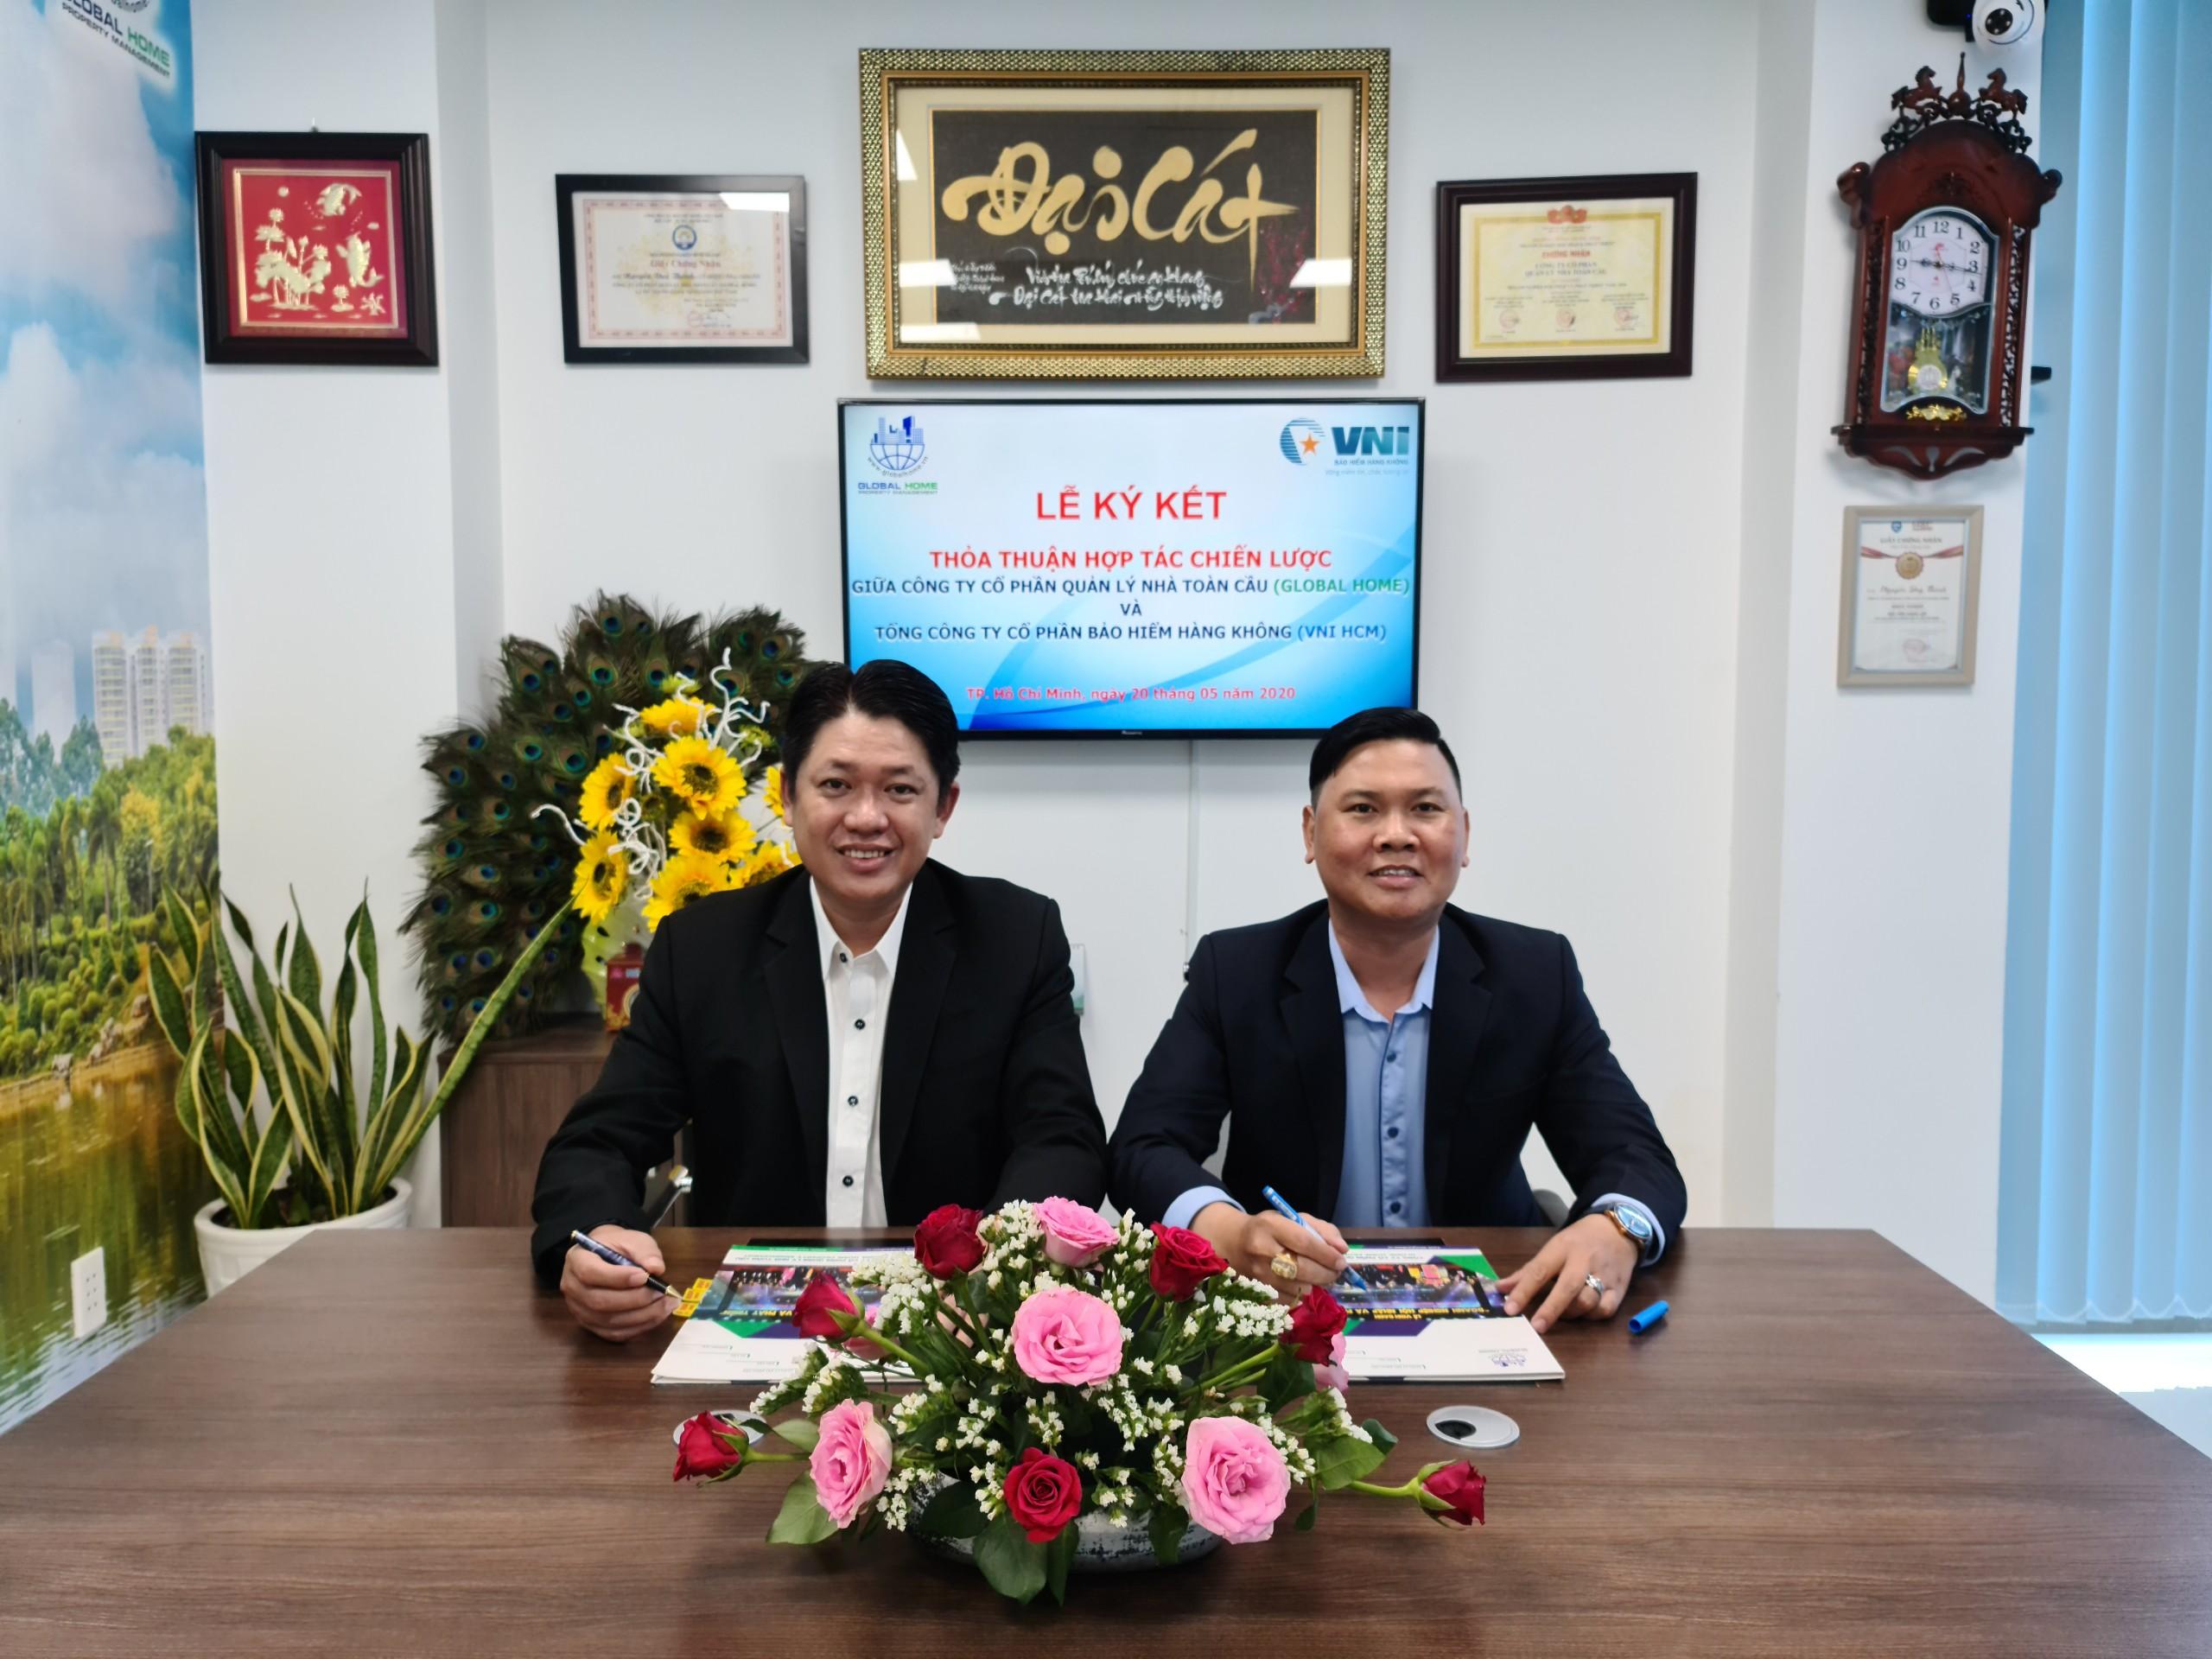 Global Home ký kết thỏa thuận hợp tác chiến lược phân phối bảo hiểm cho cư dân sống tại chung cư 1